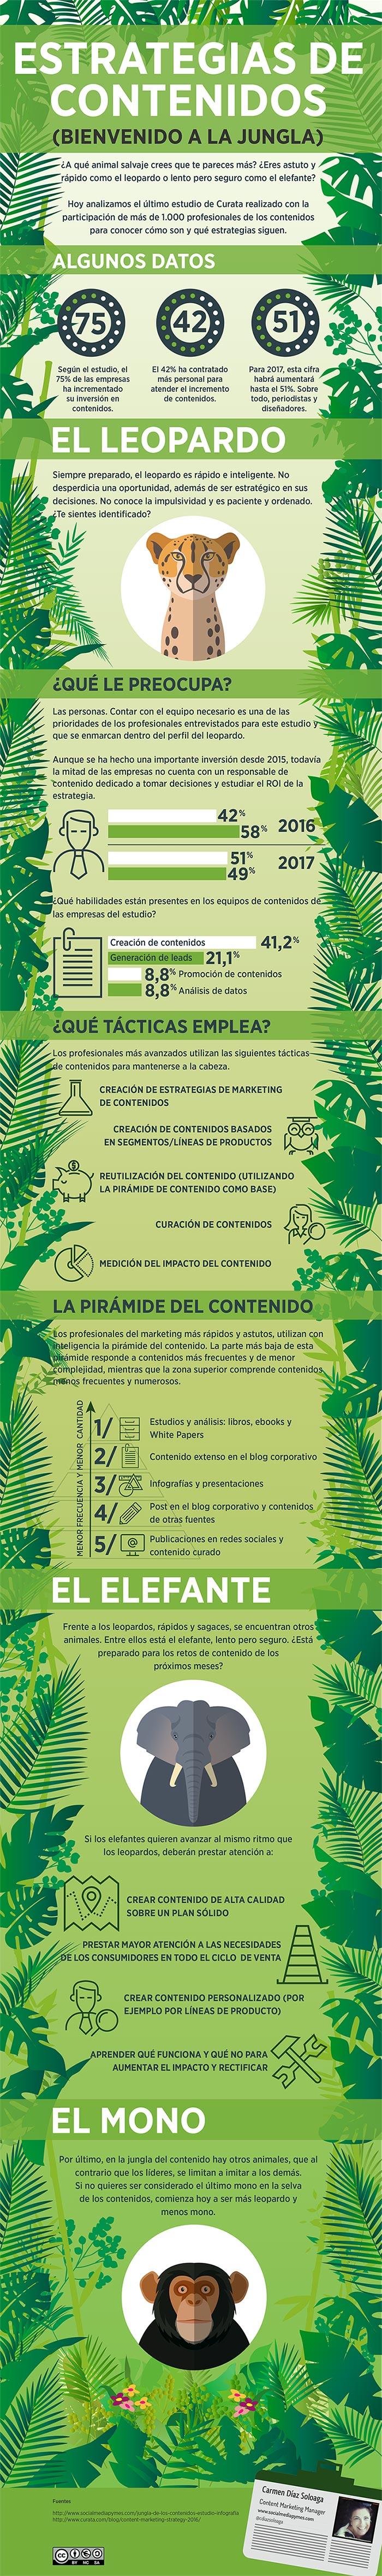 Estrategia de contenidos: Bienvenido a la jungla